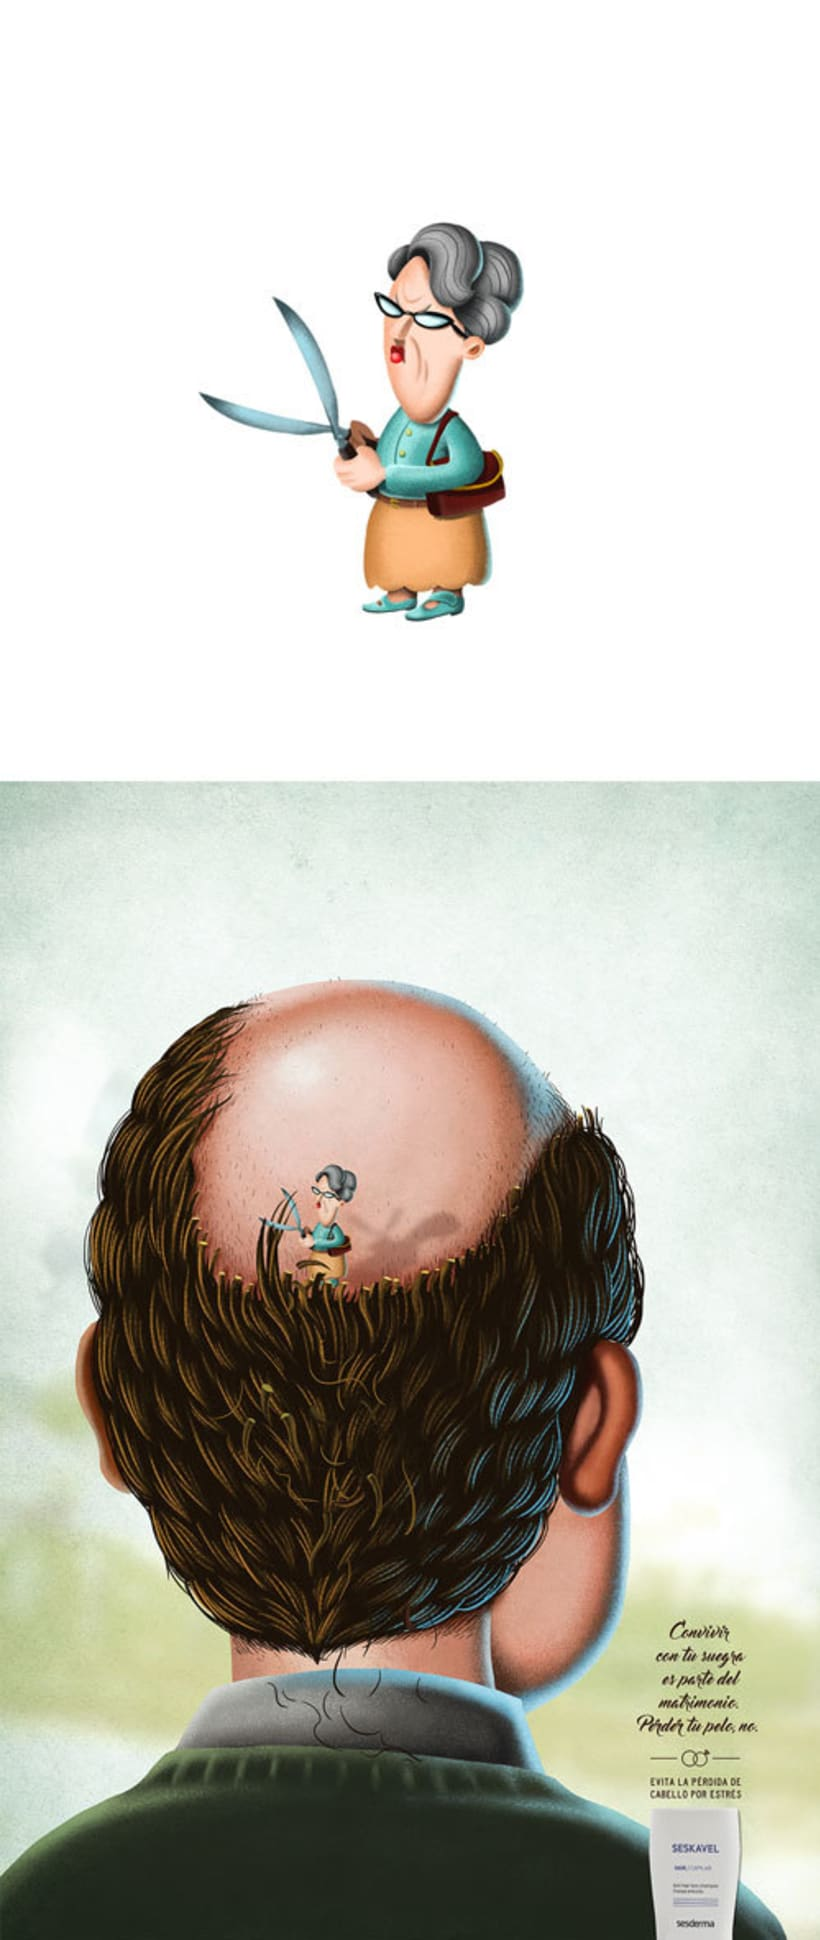 Seskavel - Pérdida de cabello 6